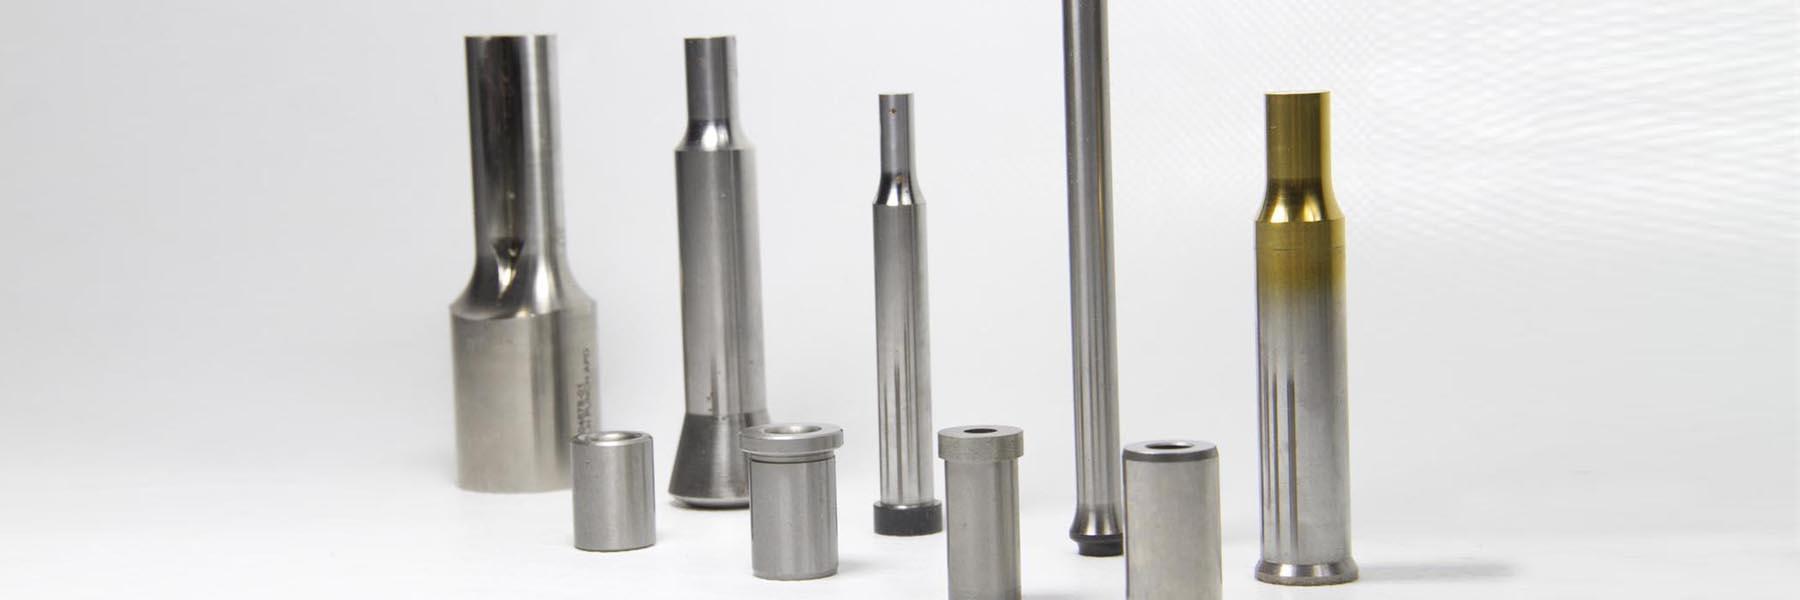 Deik Normalien Industriebdarf Werkzeughandel Schneidstempel Stanzwerkzeuge Praezisionsteile